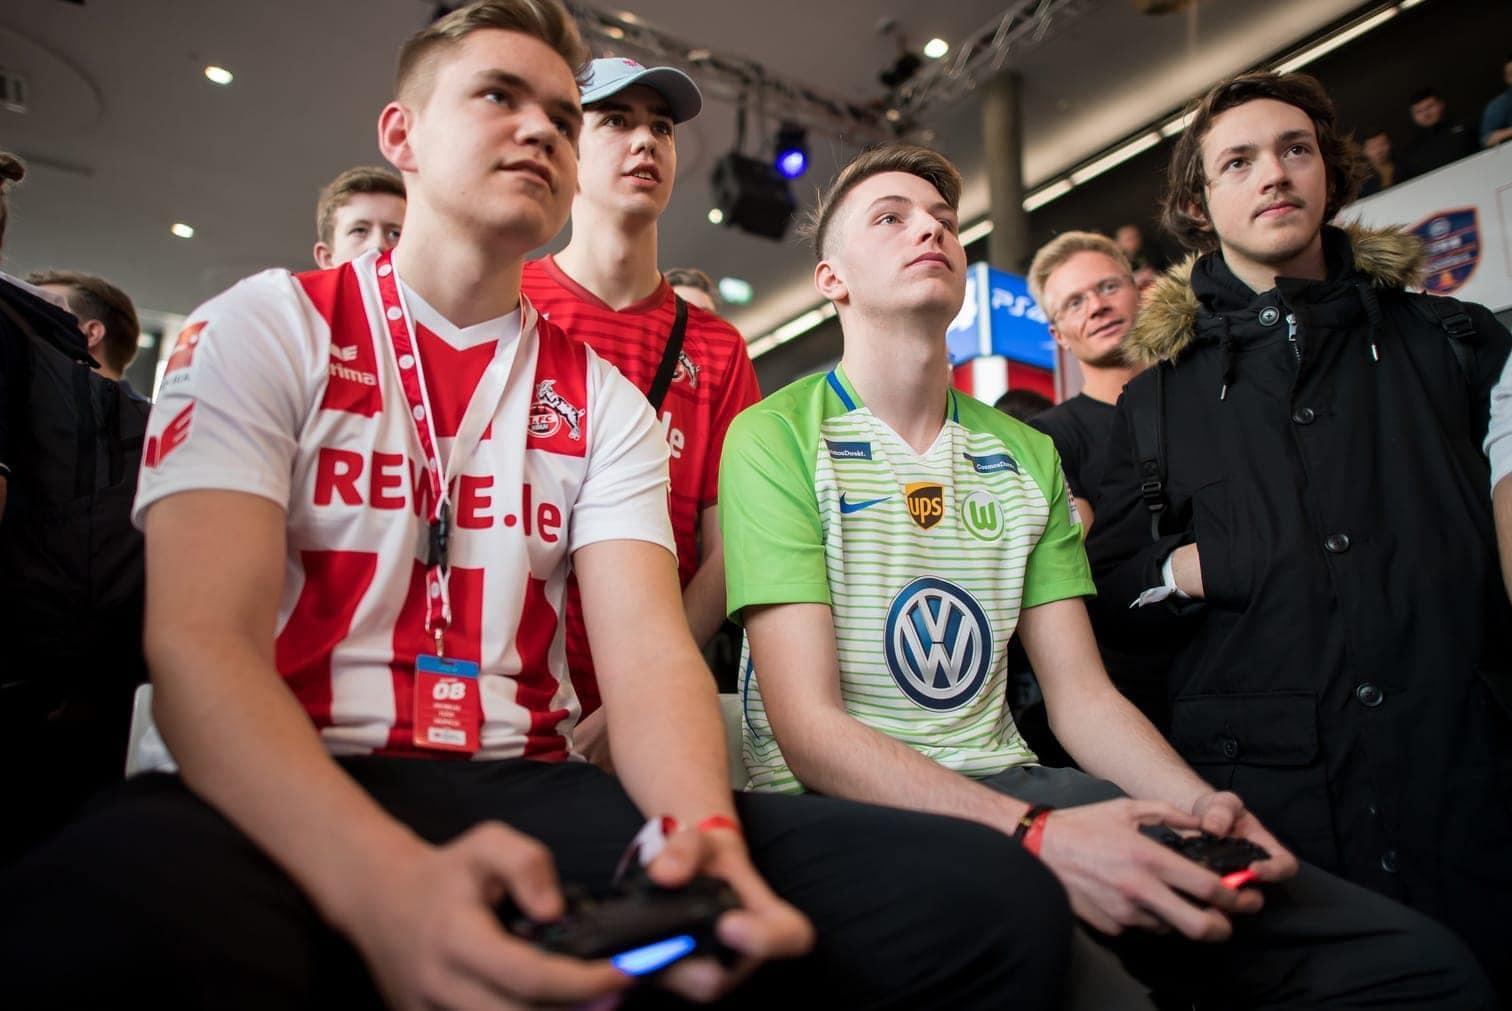 <p>Timo Siep zockt jeden Tag Videospiele. Ein Bundesliga-Verein bezahlt ihn dafür. Warum stellen immer mehr Fußballclubs professionelle Gamer ein? Und wie lebt es sich als Vollzeit-E-Sportler? Ein Star der Szene erzählt von seinem Alltag.</p> Foto: dpa